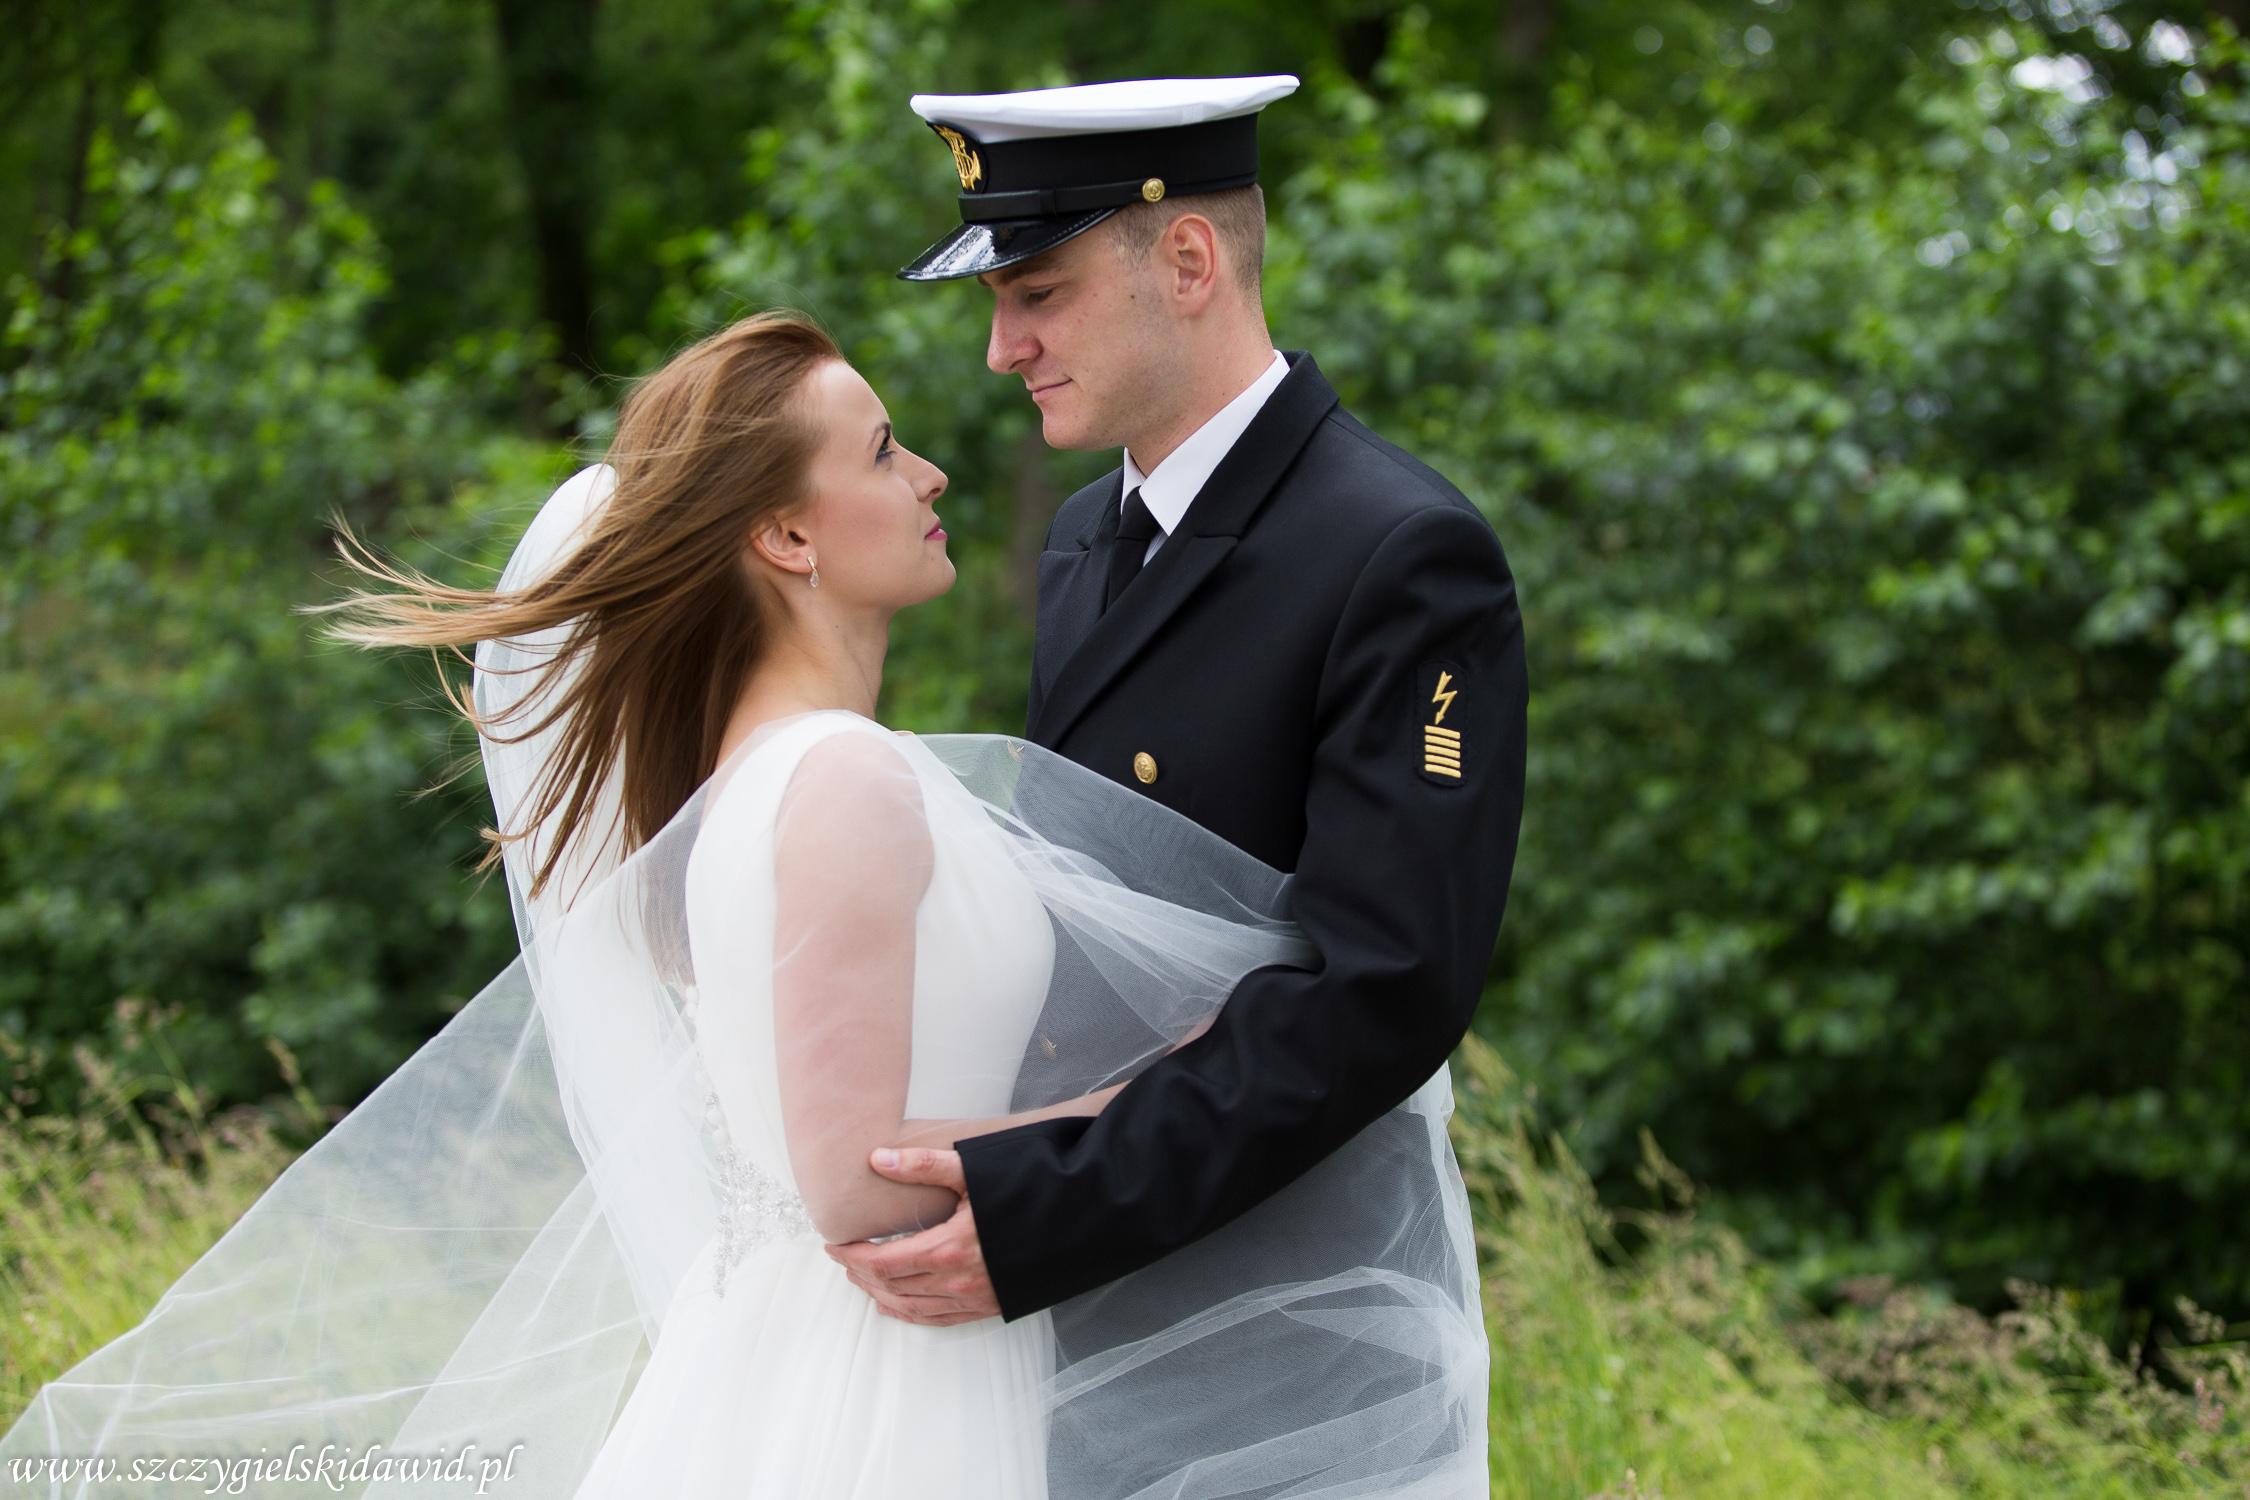 Kasia i Piotr ślubnie (Przykładowy fotoreportaż ślubny)